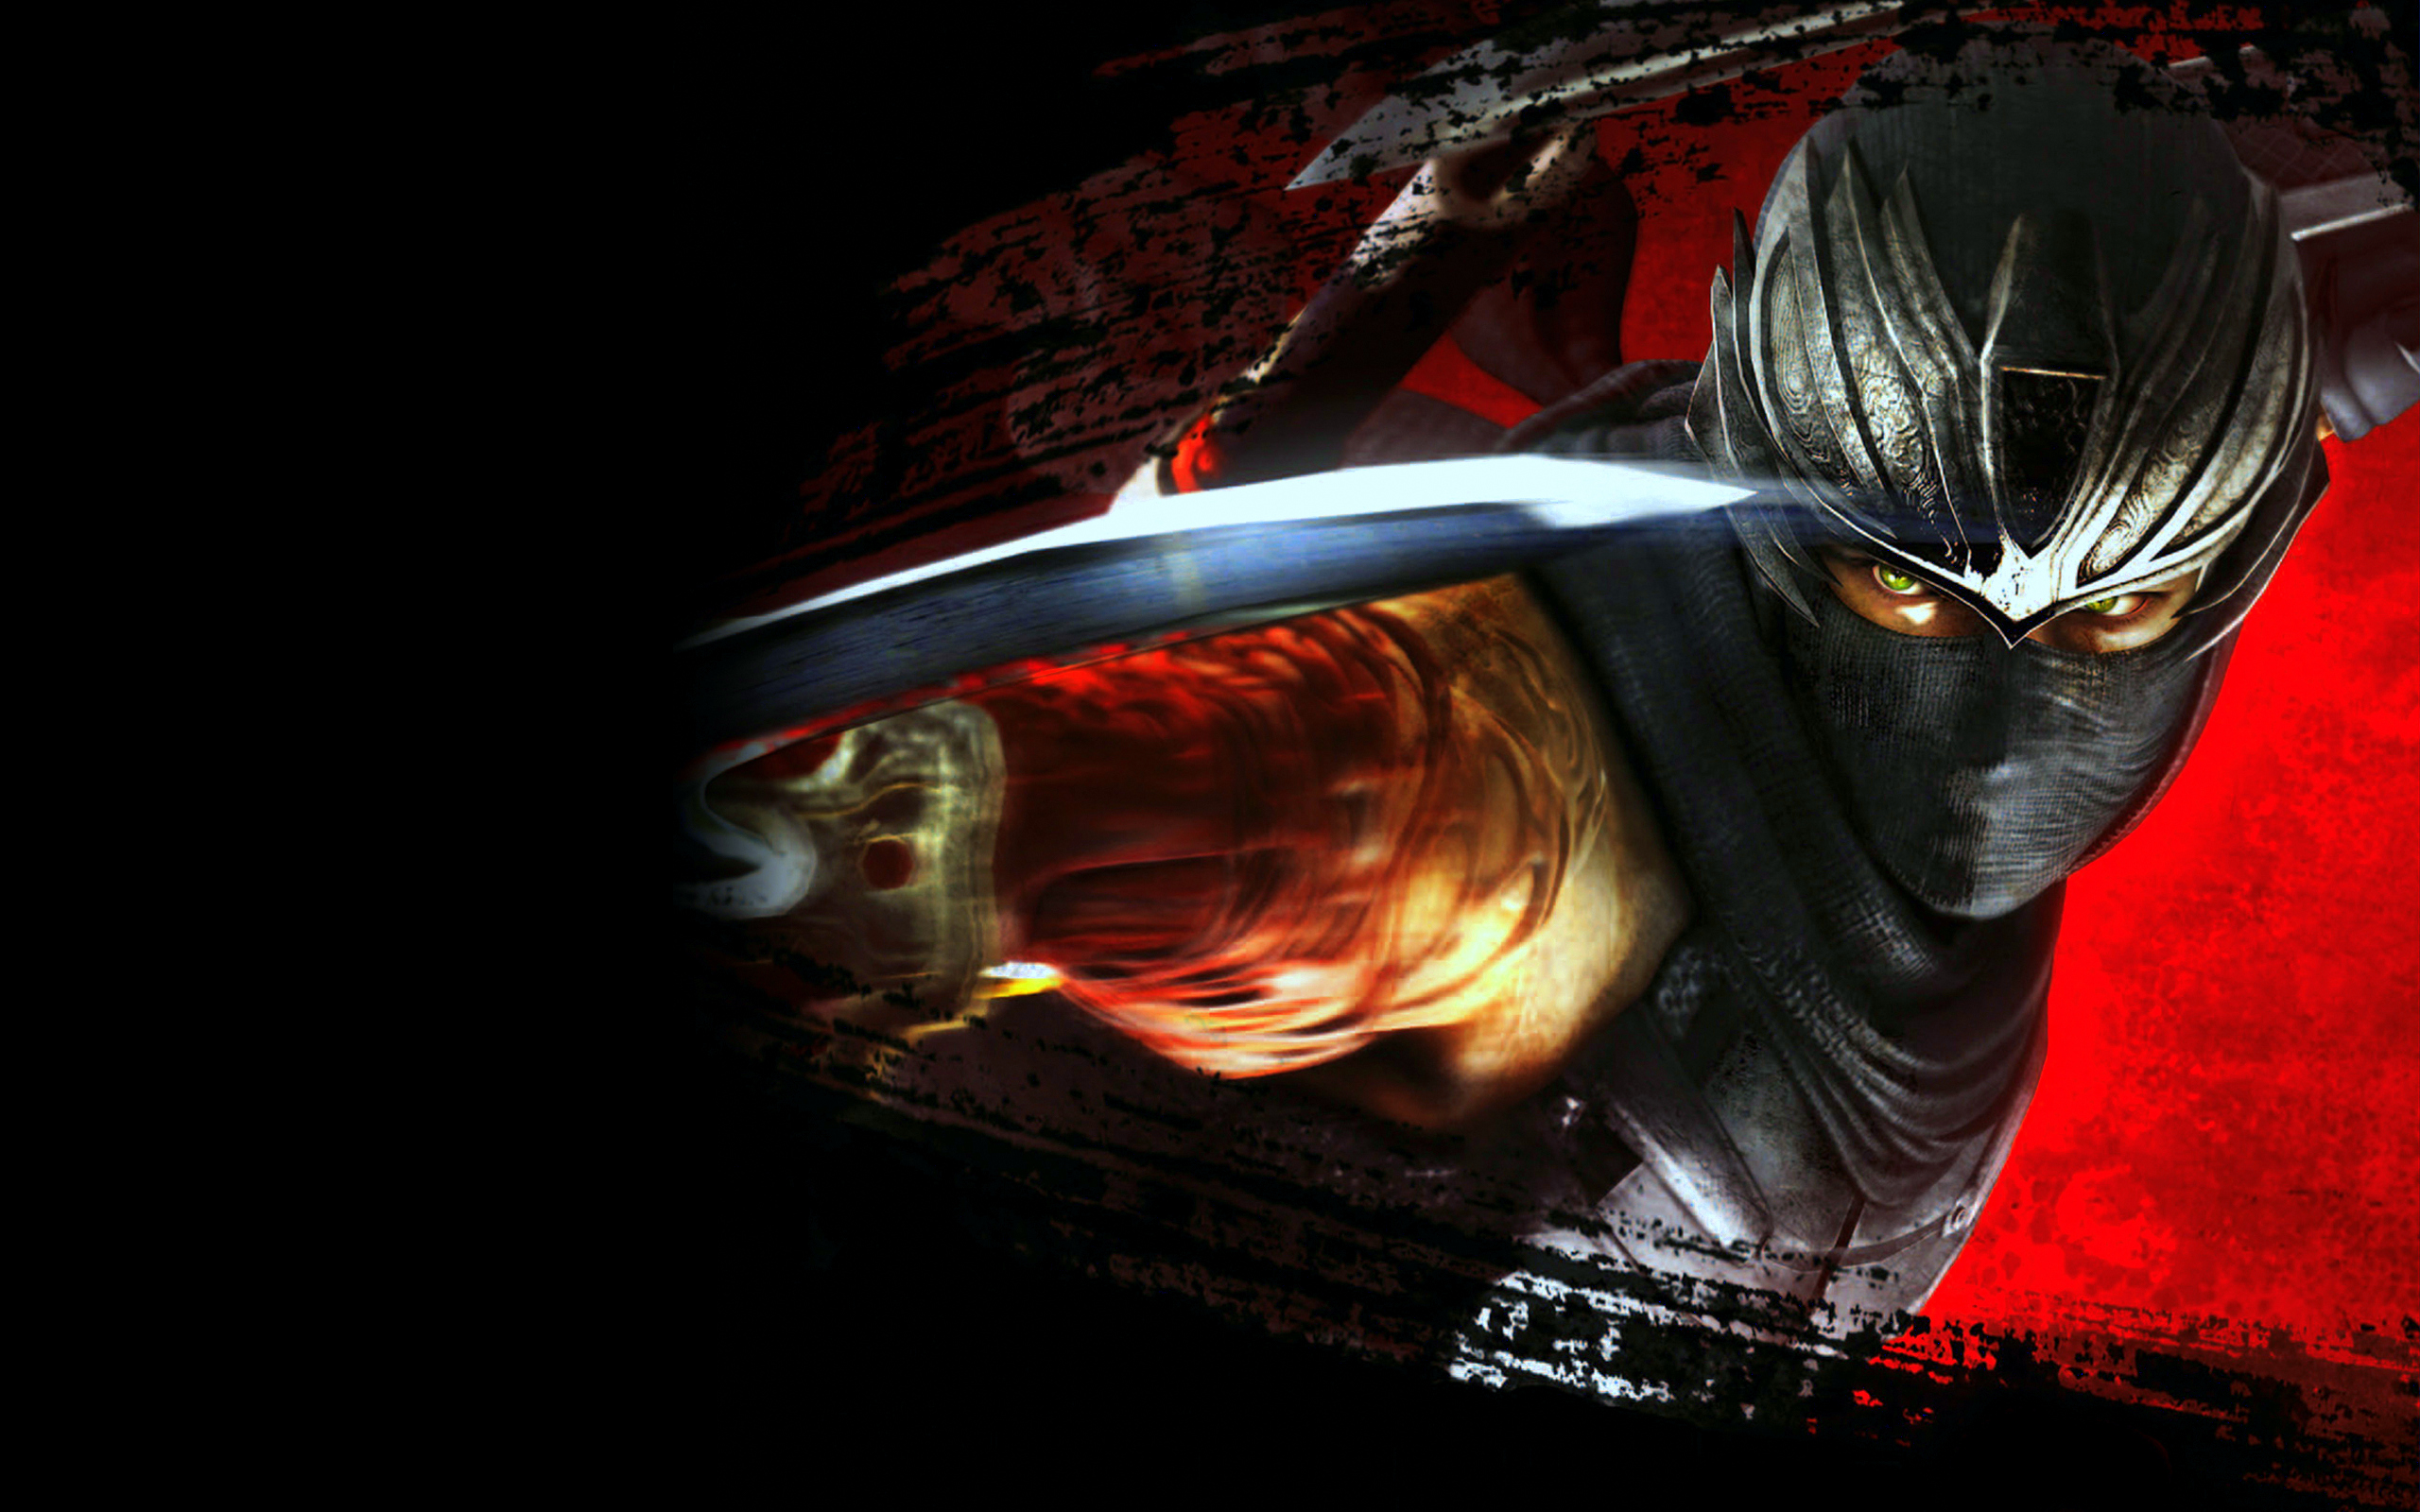 Ninja gaiden wallpaper hd 35085 2560x1600 px hdwallsource ninja gaiden wallpaper hd 35085 voltagebd Image collections